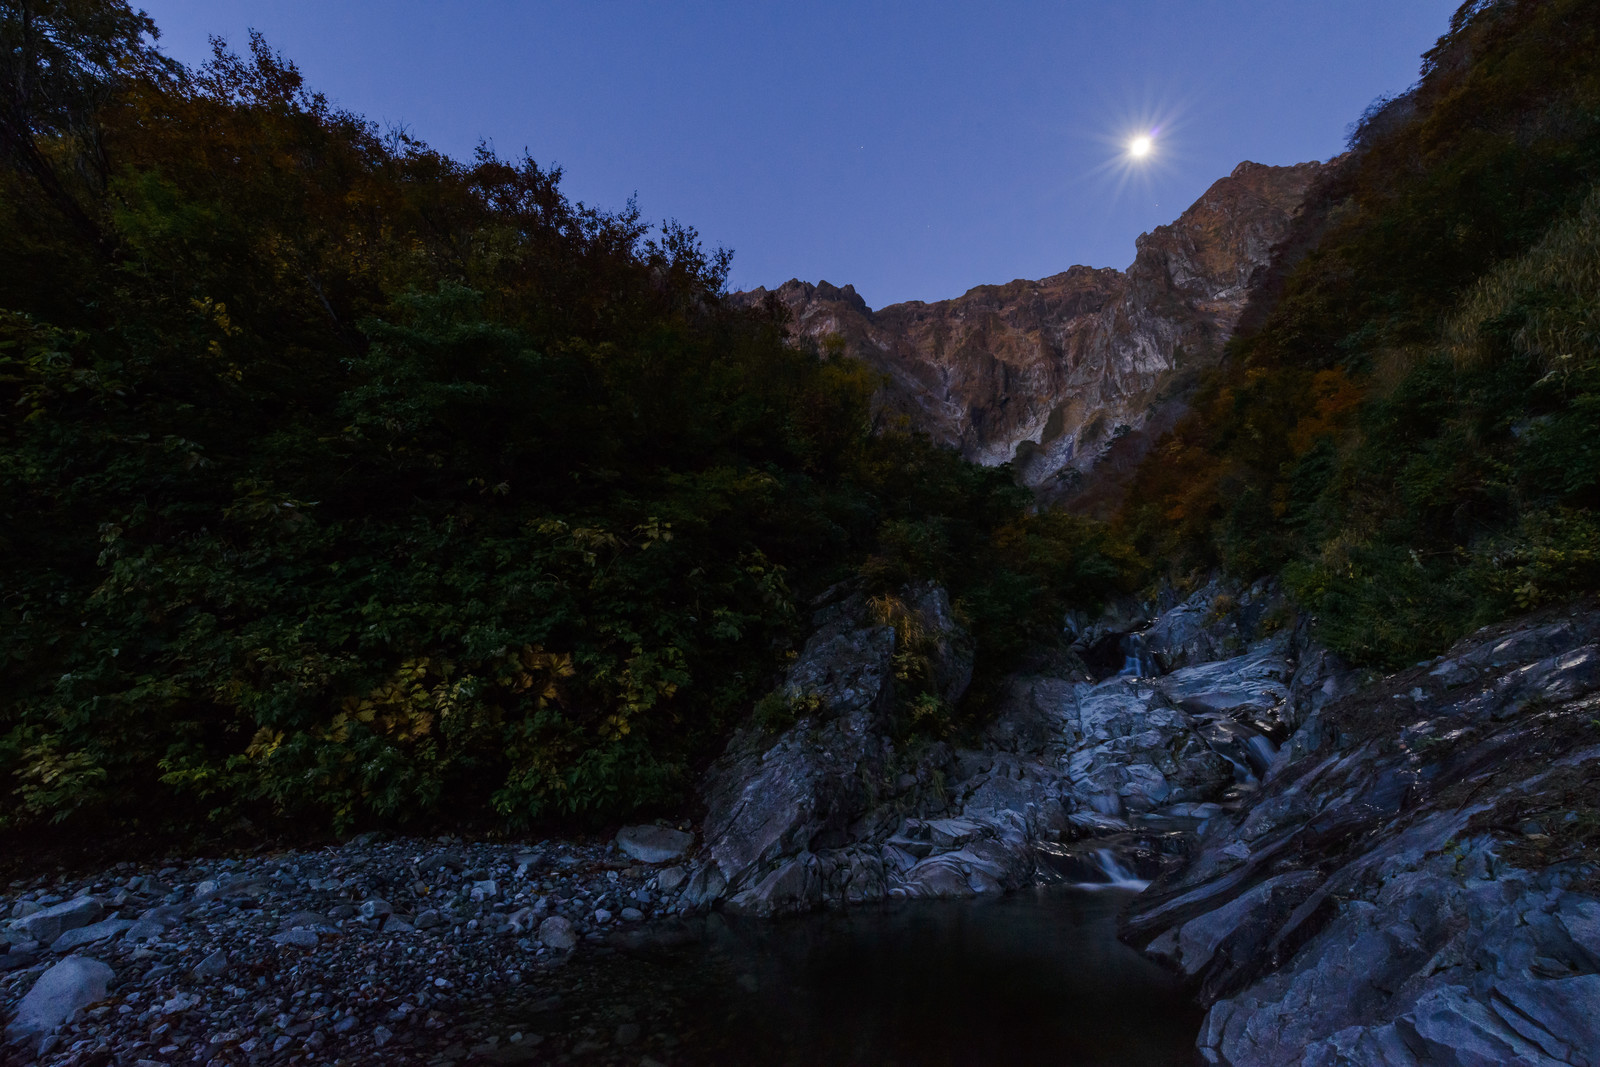 「満月が覗き込む一ノ倉沢」の写真